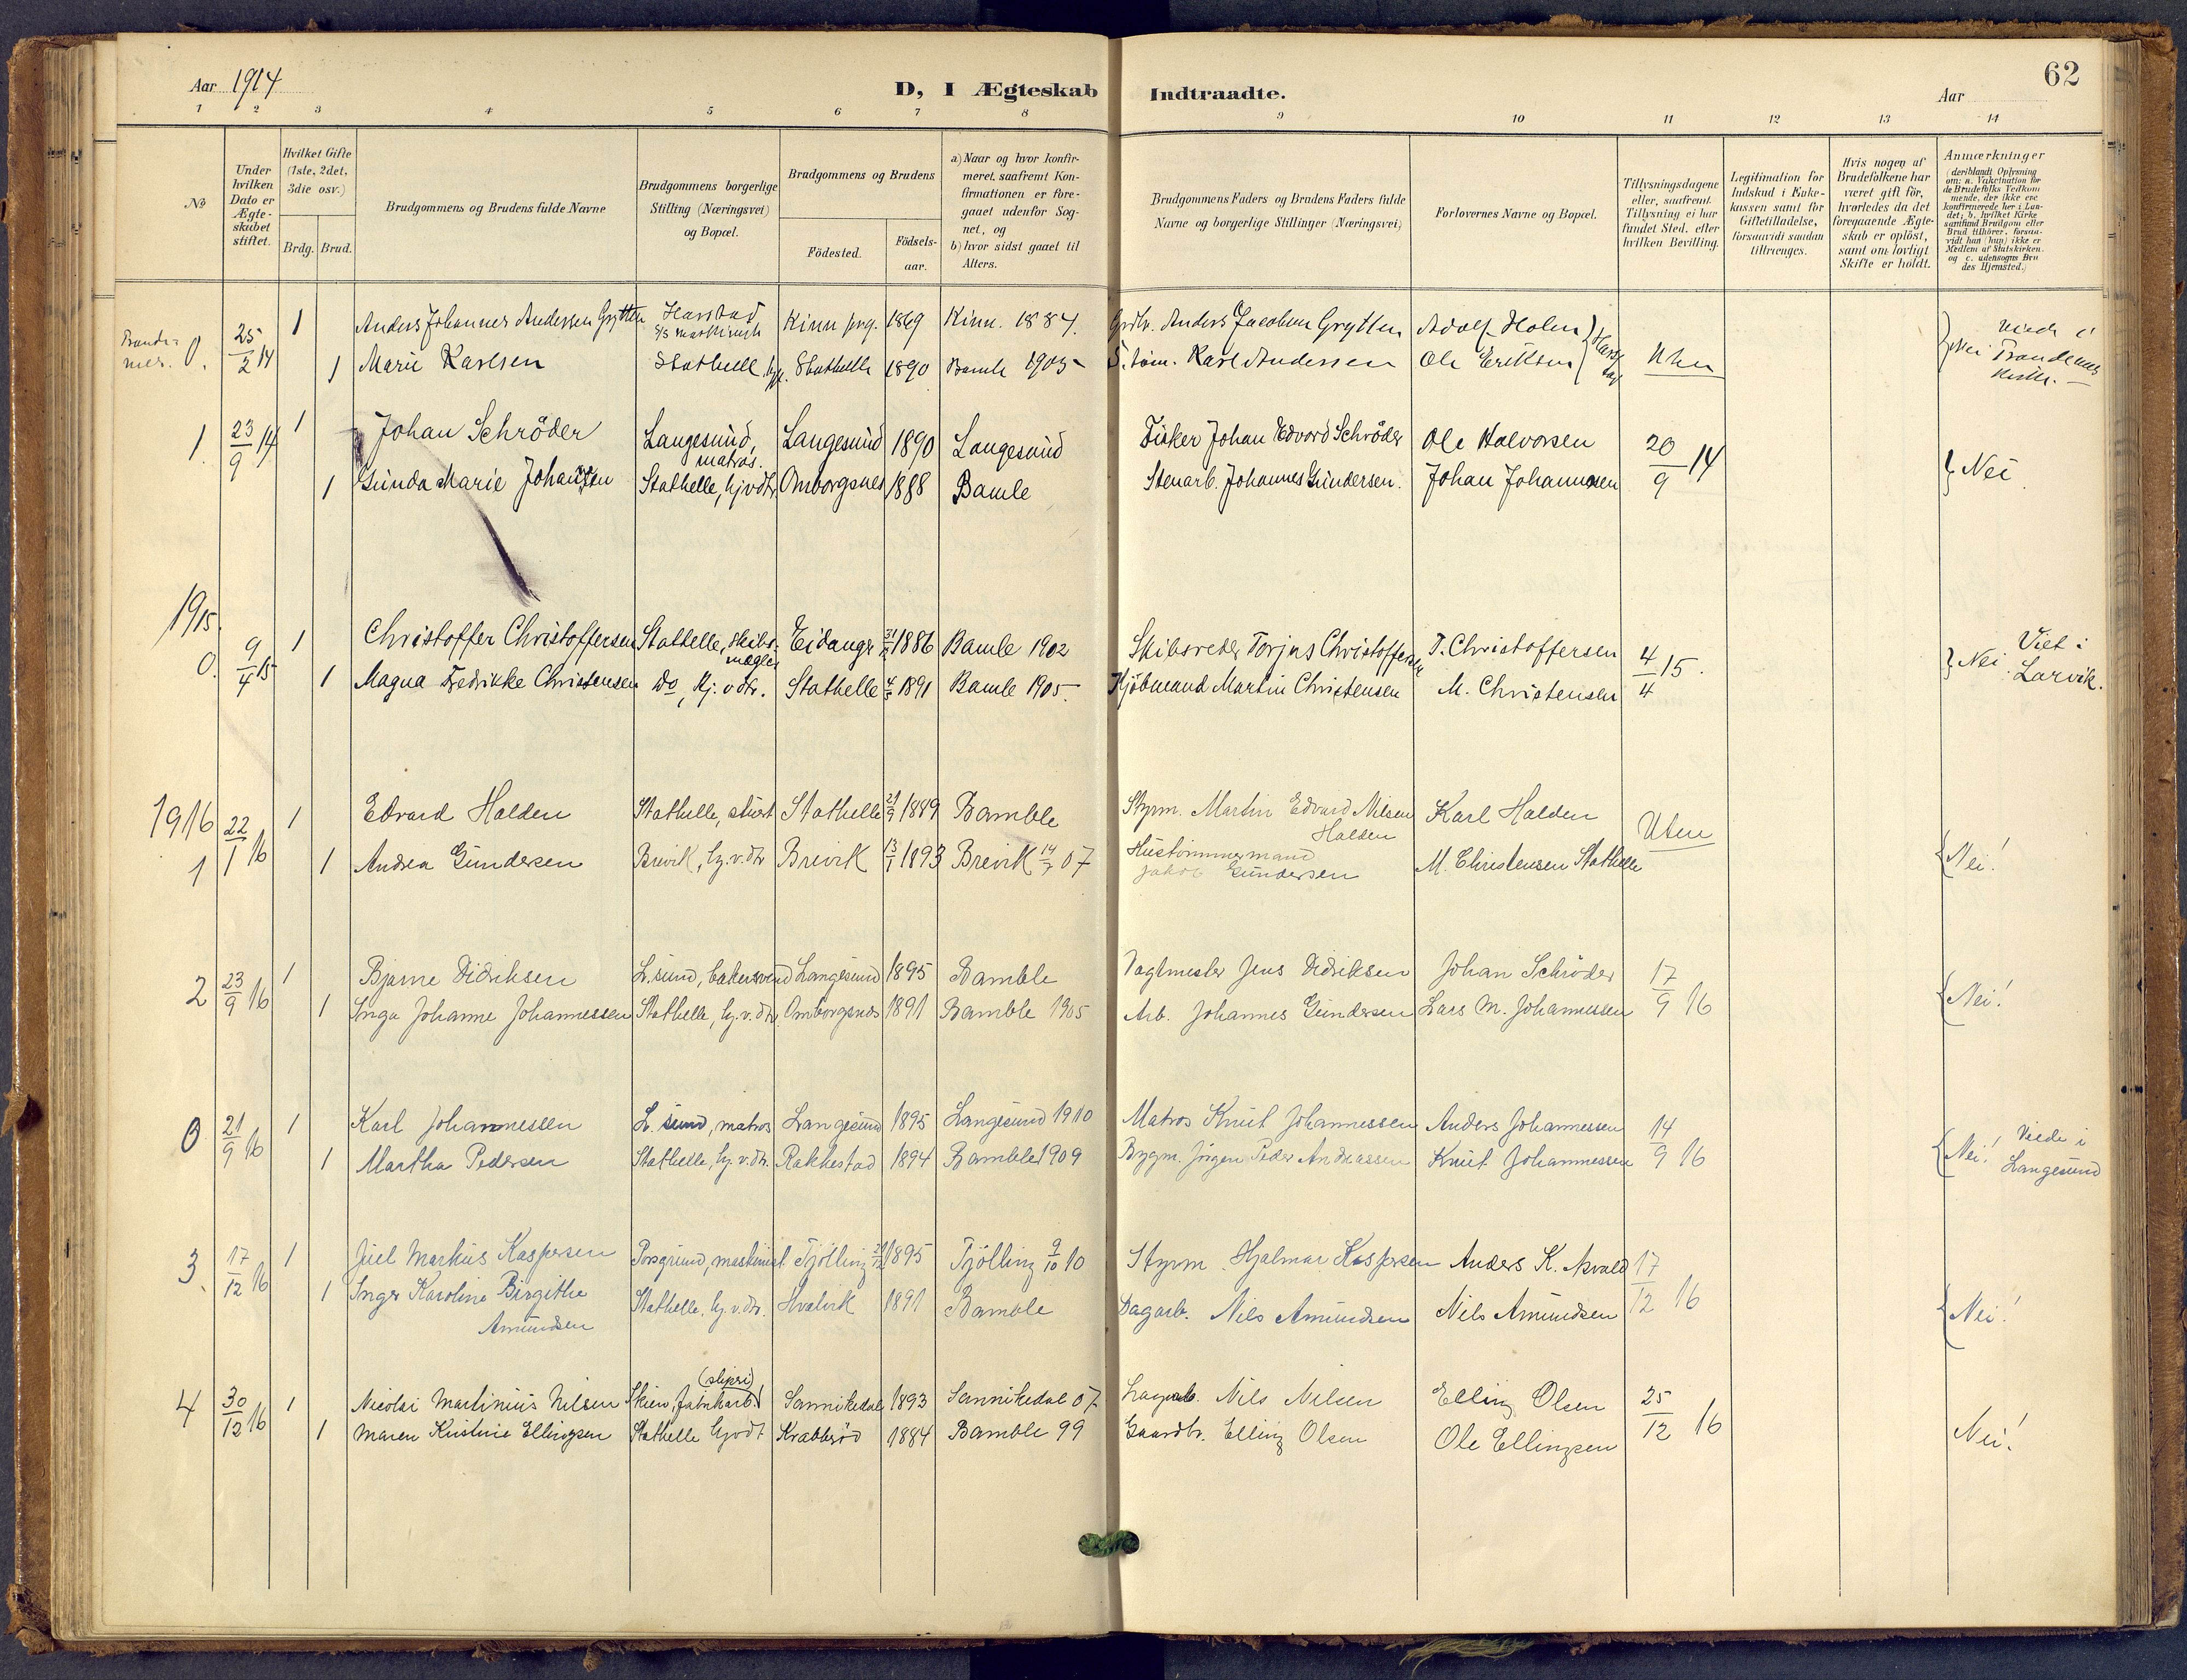 SAKO, Bamble kirkebøker, F/Fb/L0002: Ministerialbok nr. II 2, 1900-1921, s. 62